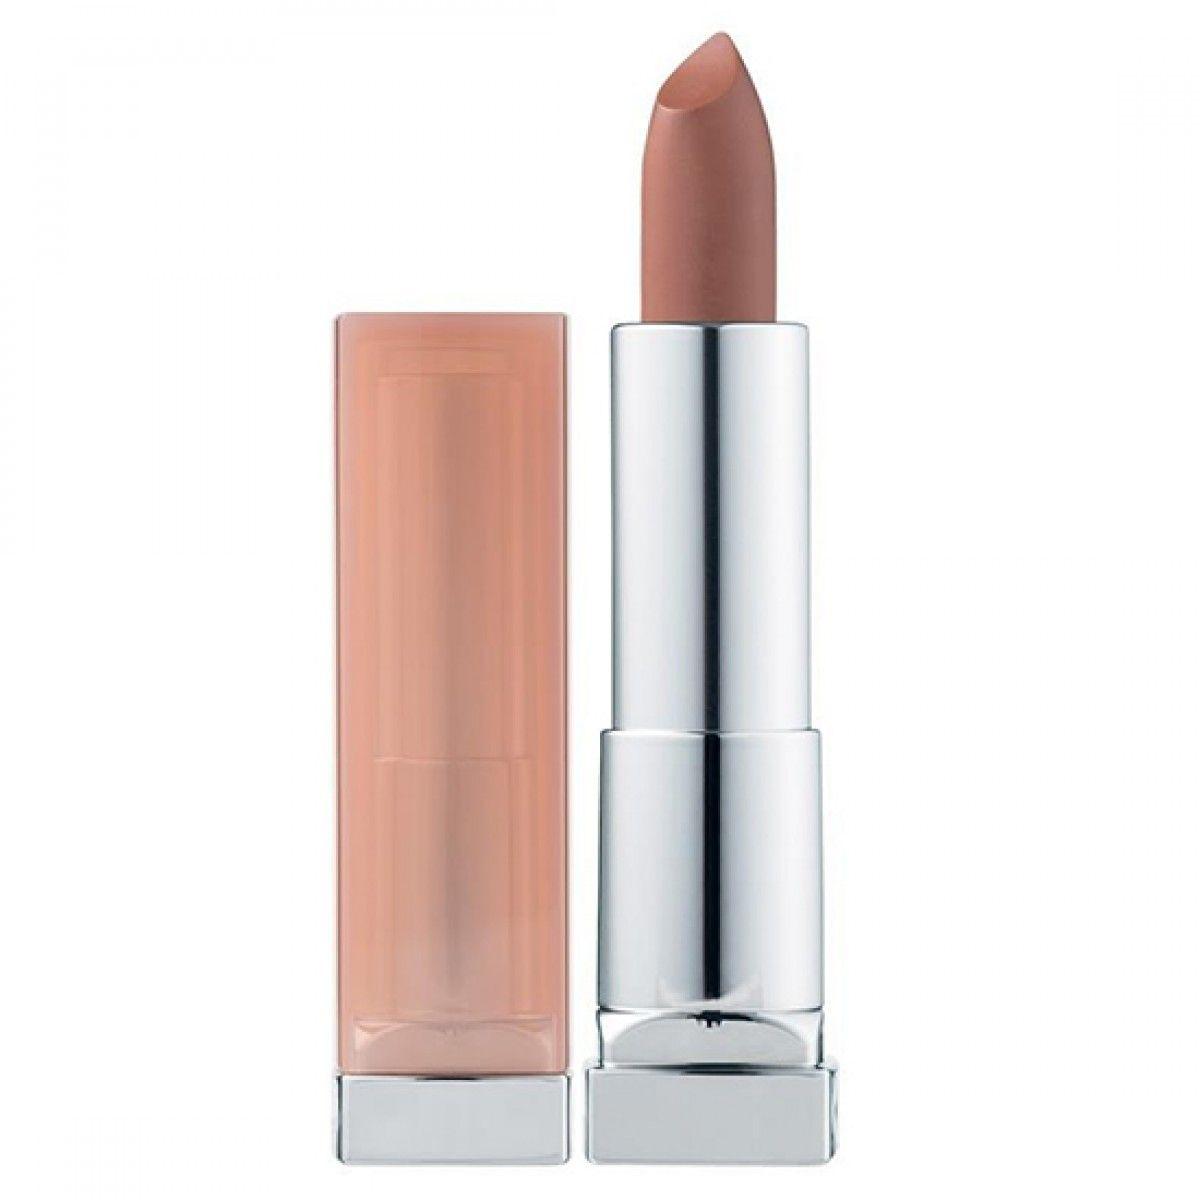 Το Maybelline Color Sensational Lipstick προσφέρειεκλεπτυσμένοχρώμαμεέντονηλάμψη. Έχει κρεμώδη αίσθησηκαι τρέφει τα χείλη με το νέκταρ μελιού που εμπεριέχεται στην εμπλουτισμένη σύστασή του. Η τεχνολογία Pureχρωστικήπροσφέρεισυγκλονιστι